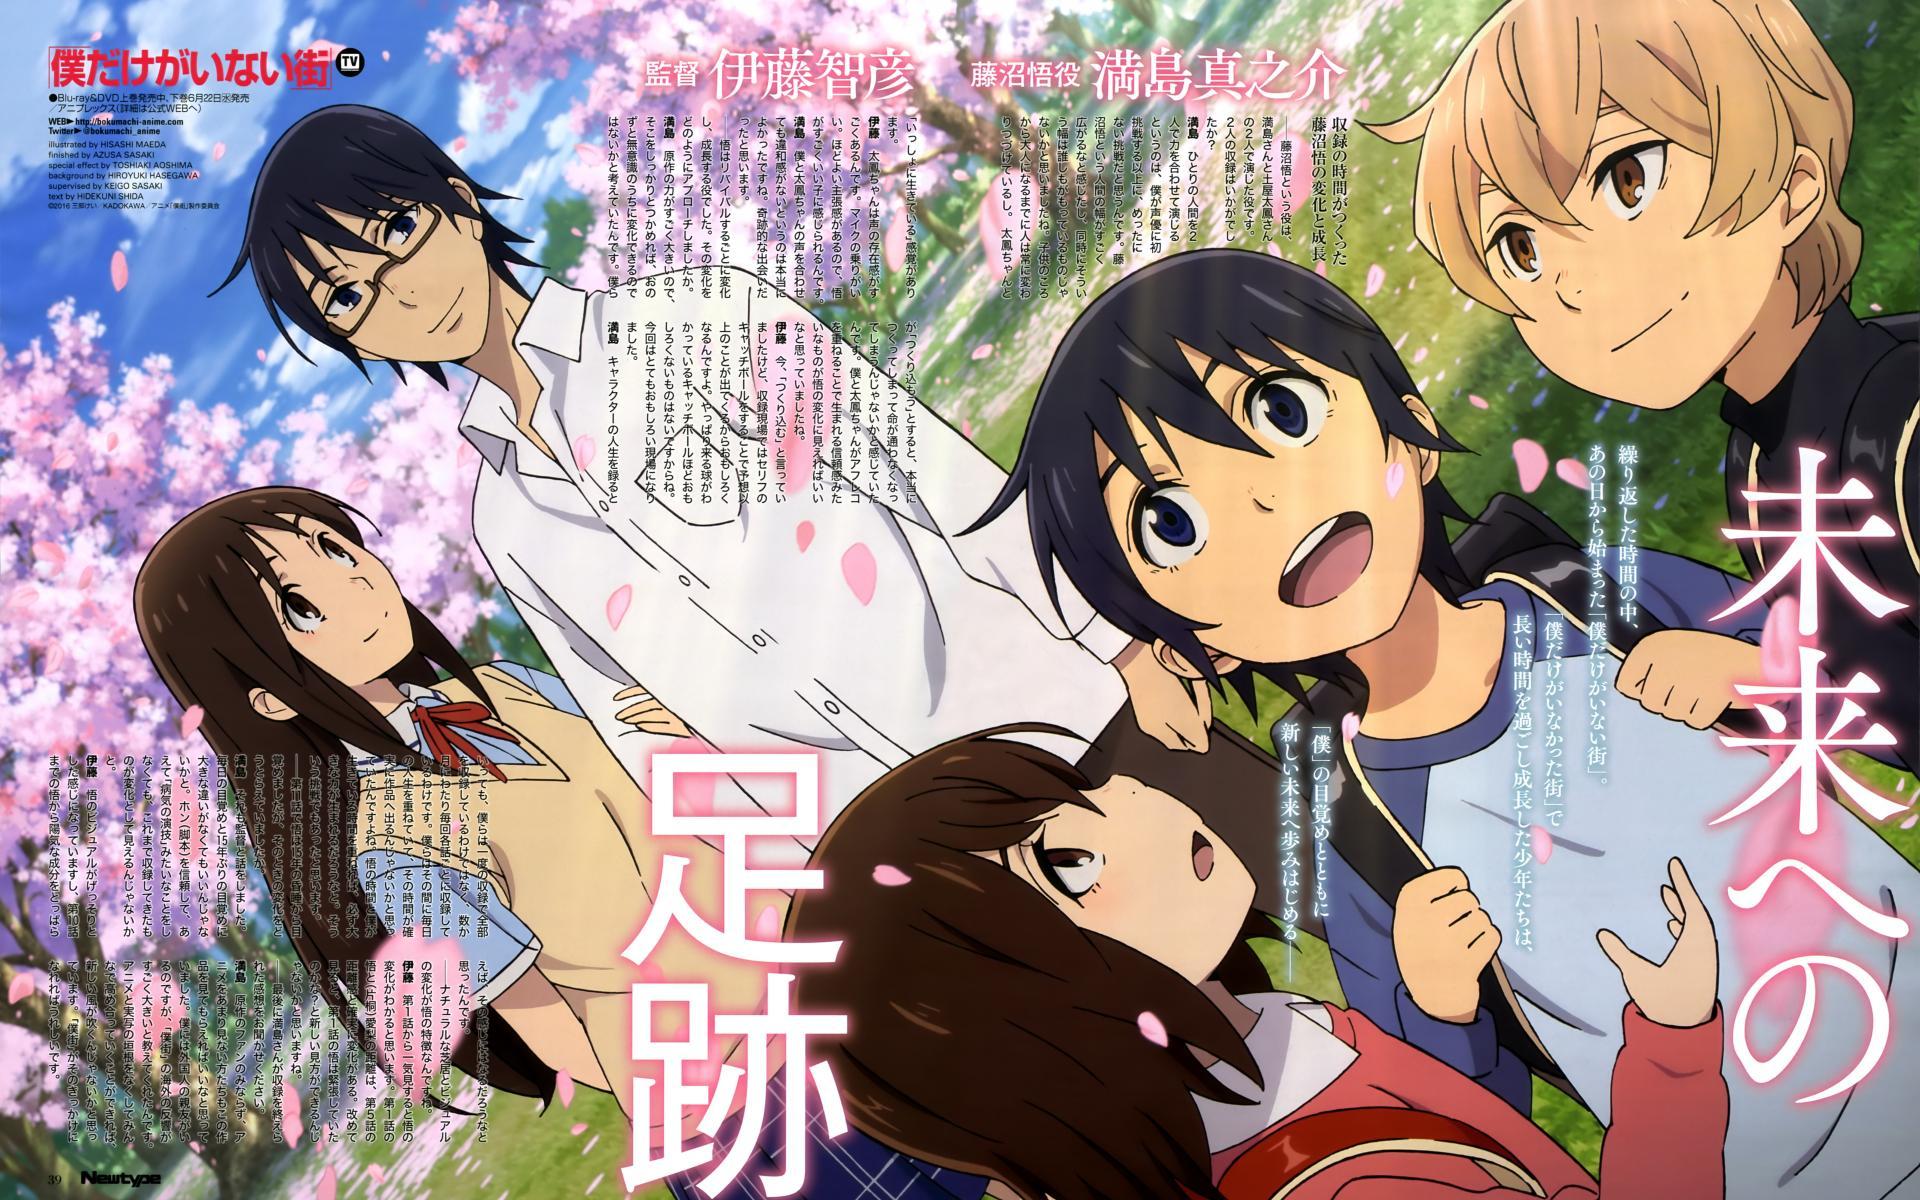 Boku Dake Ga Inai Machi Satoru And Airi 1349465 Hd Wallpaper